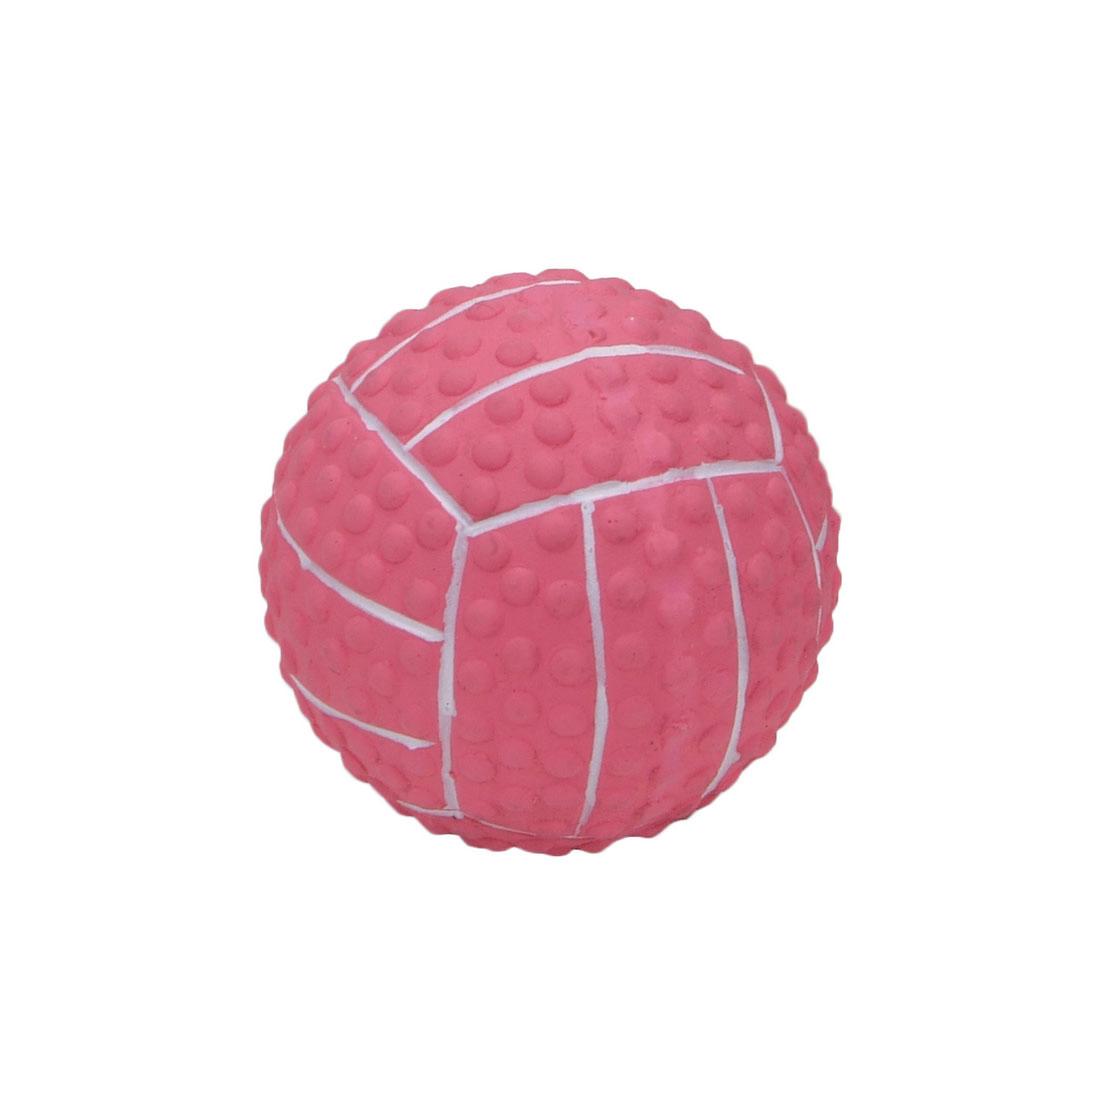 Coastal Pet Li'l Pals Latex Soccer Ball Dog Toy, Pink